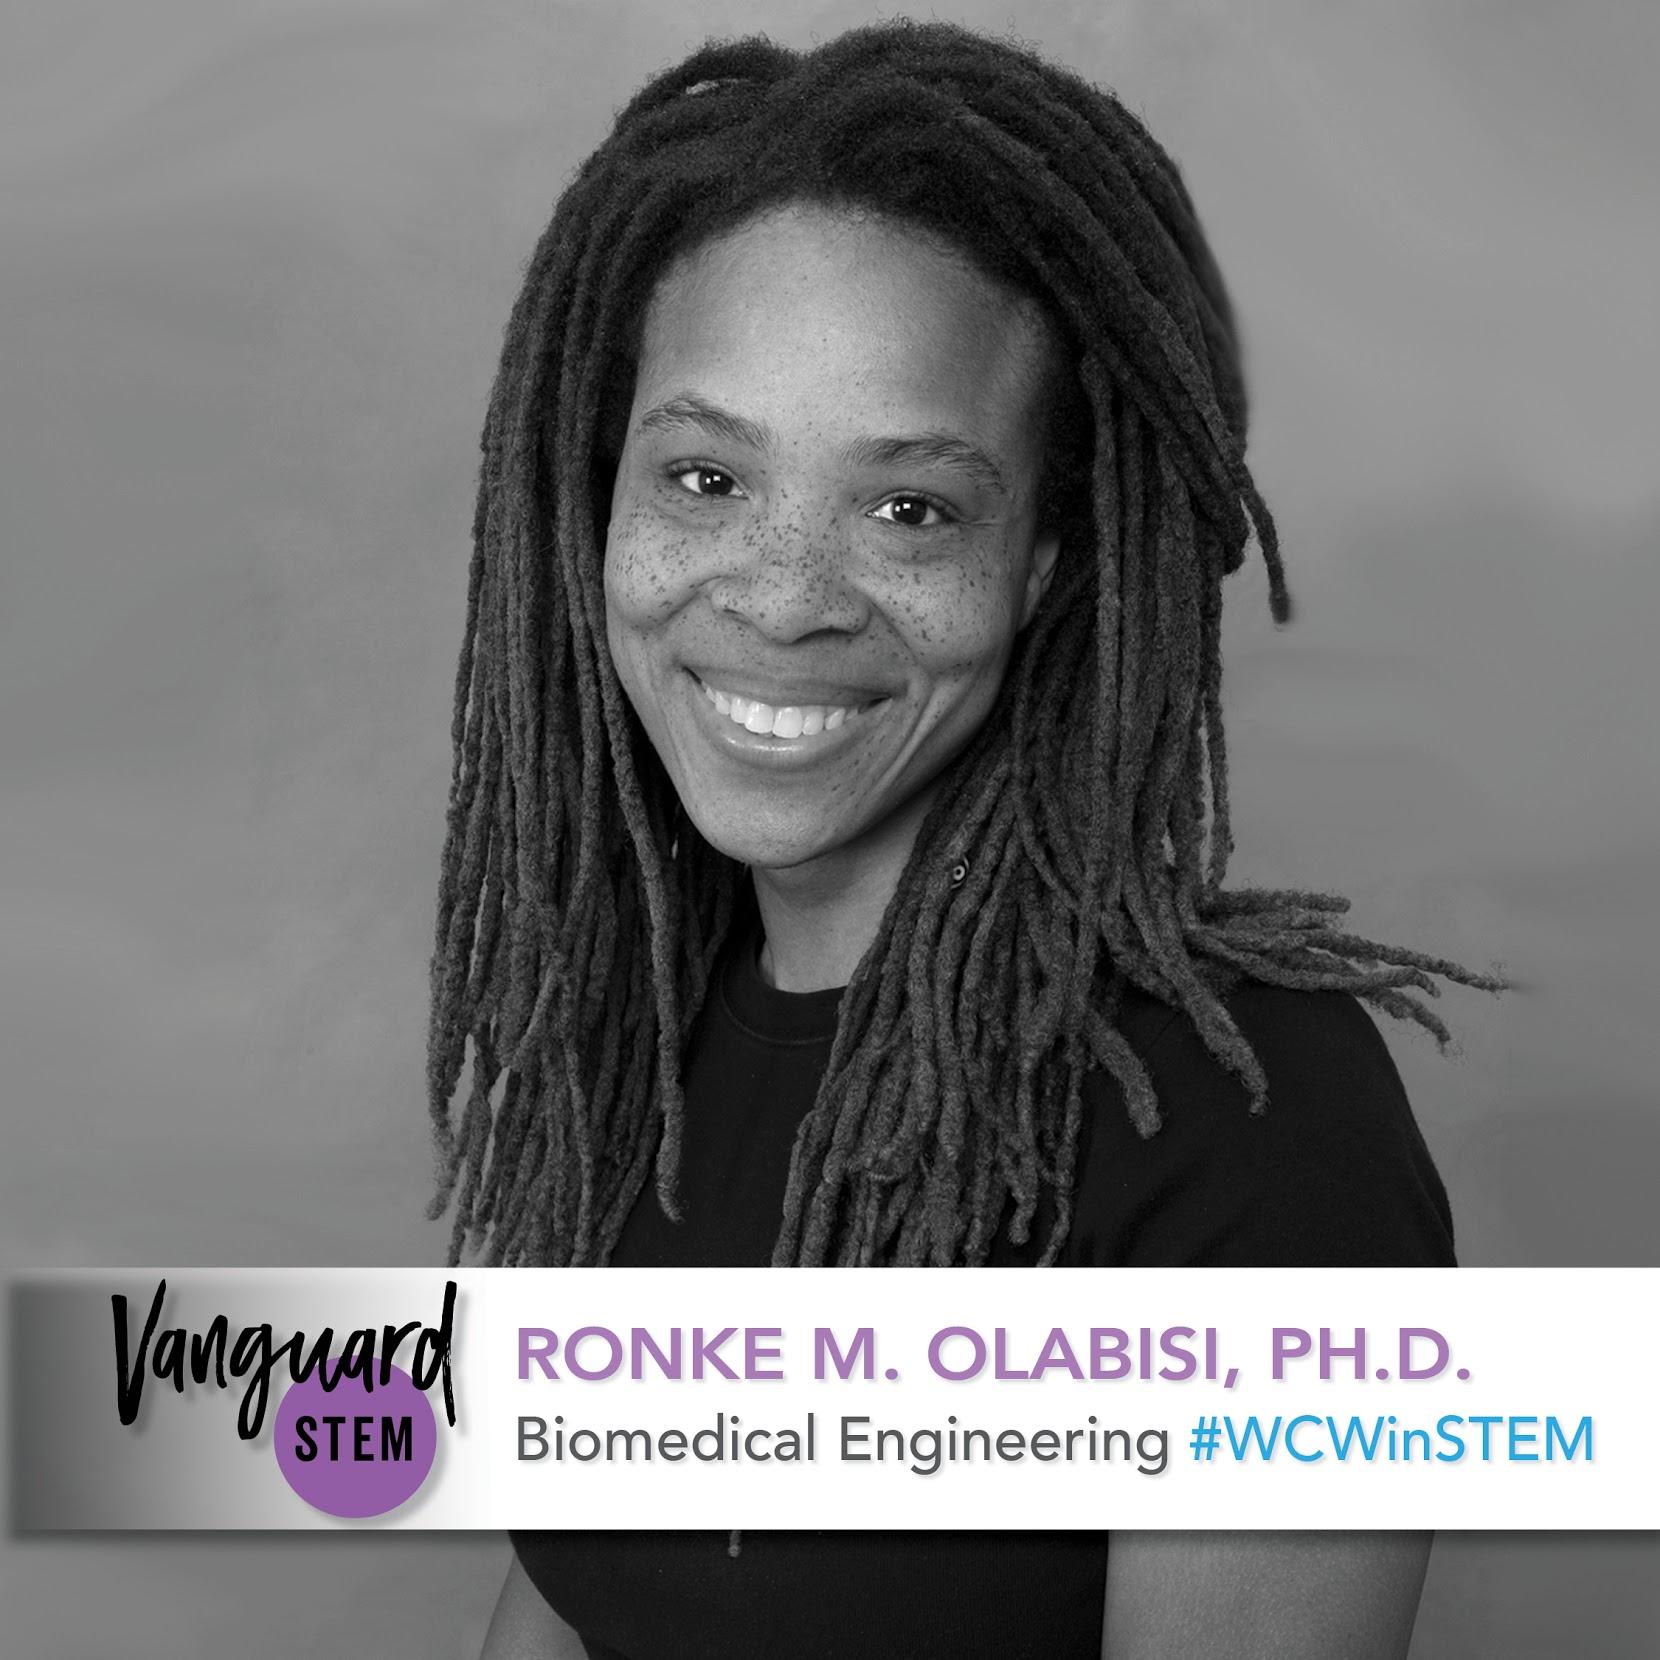 Ronke M. Olabisi, Ph.D.